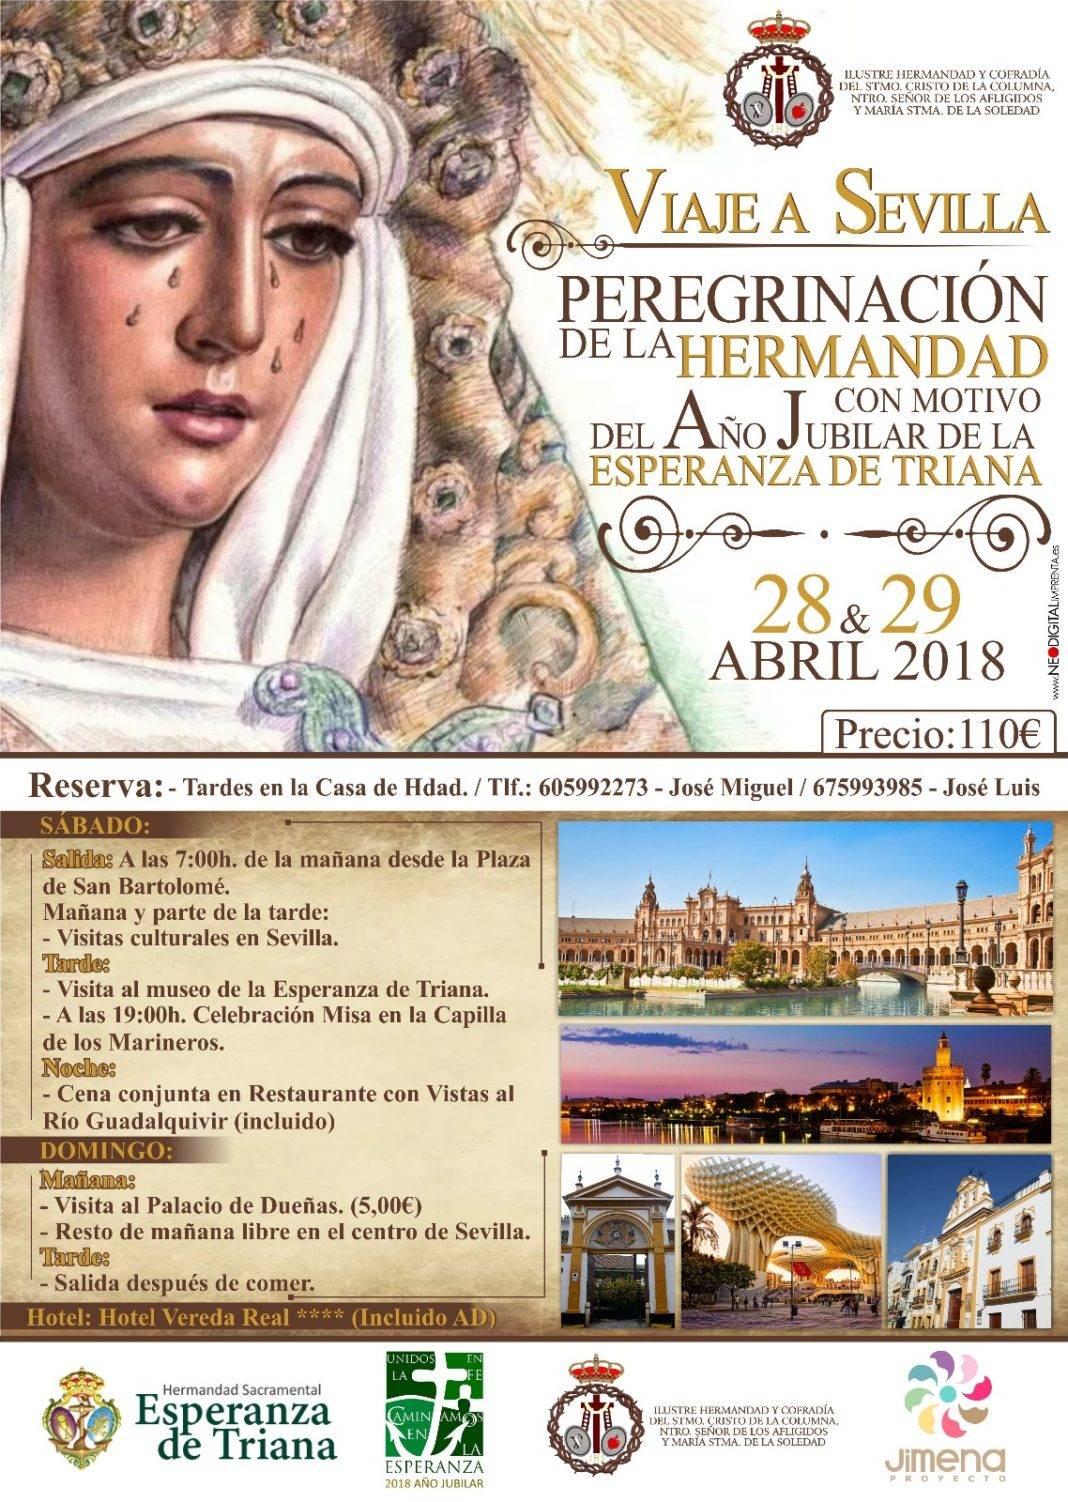 La Hermandad de El Santo organiza un viaje-peregrinación a Sevilla 4